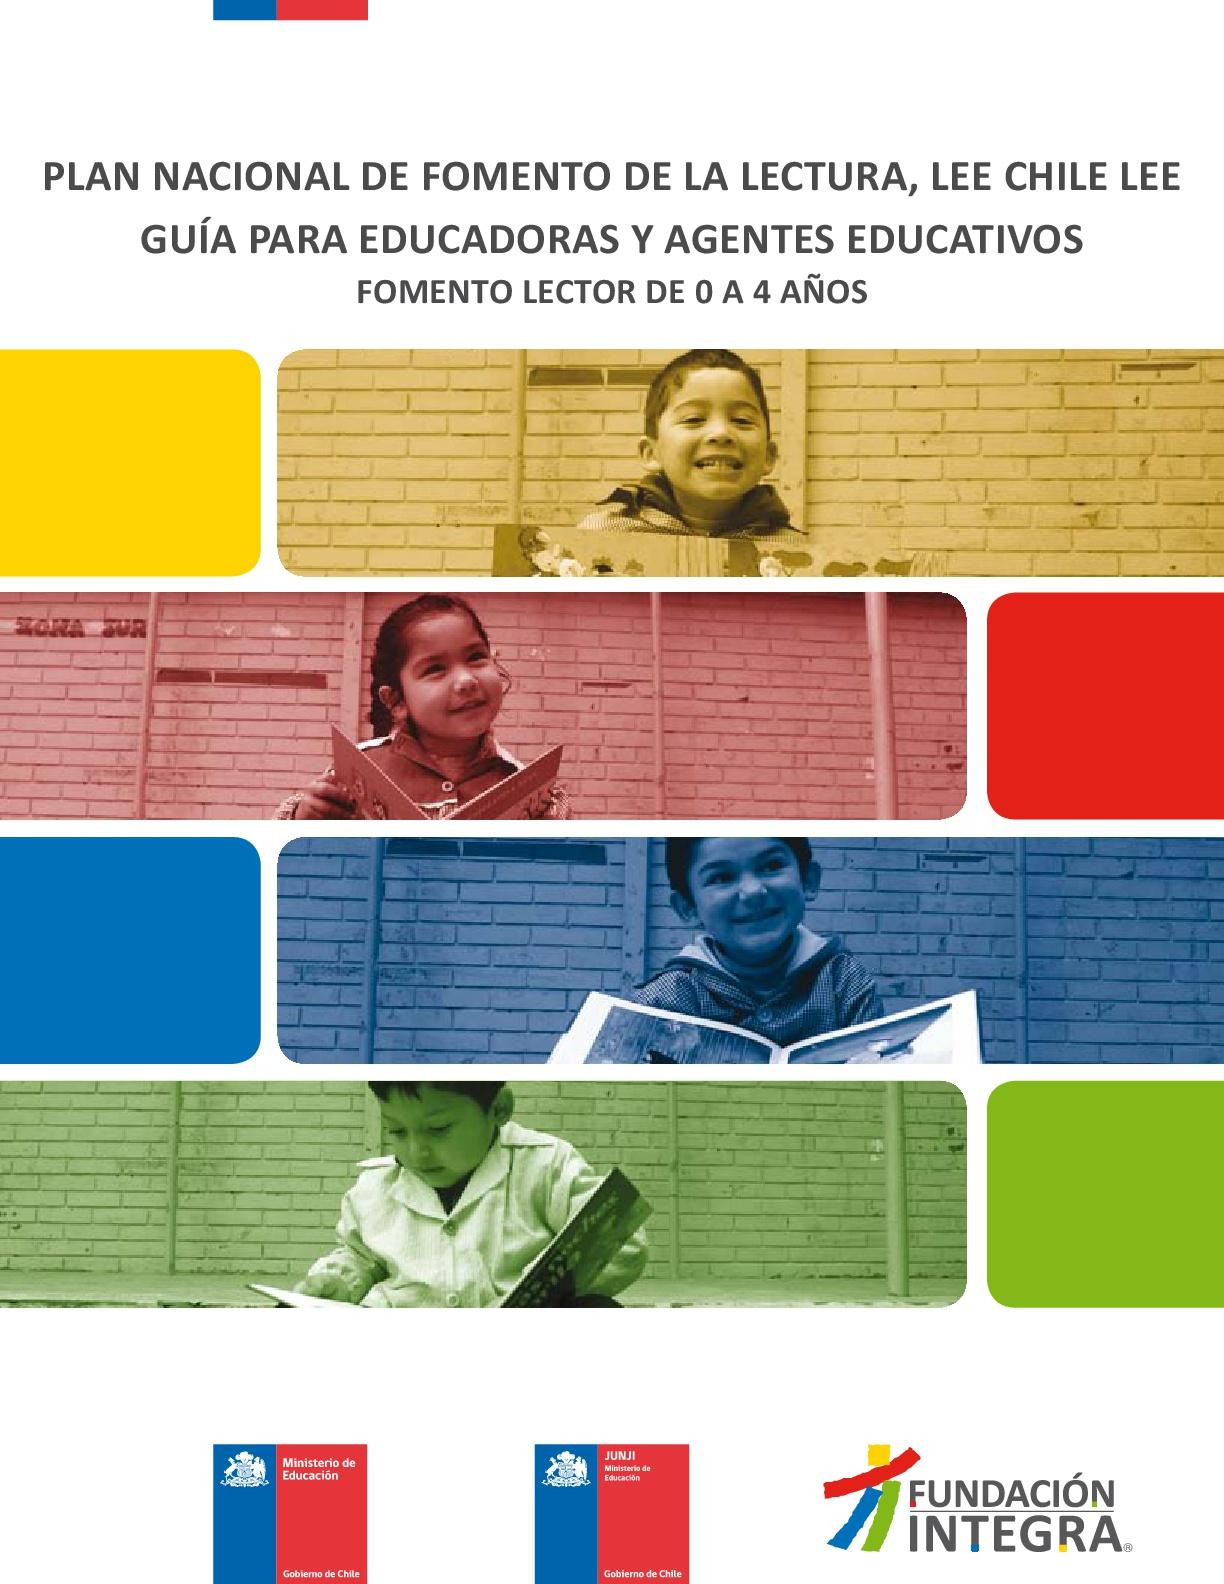 Guía para educadoras y agentes educativos: fomento lector de 0 a 4 años